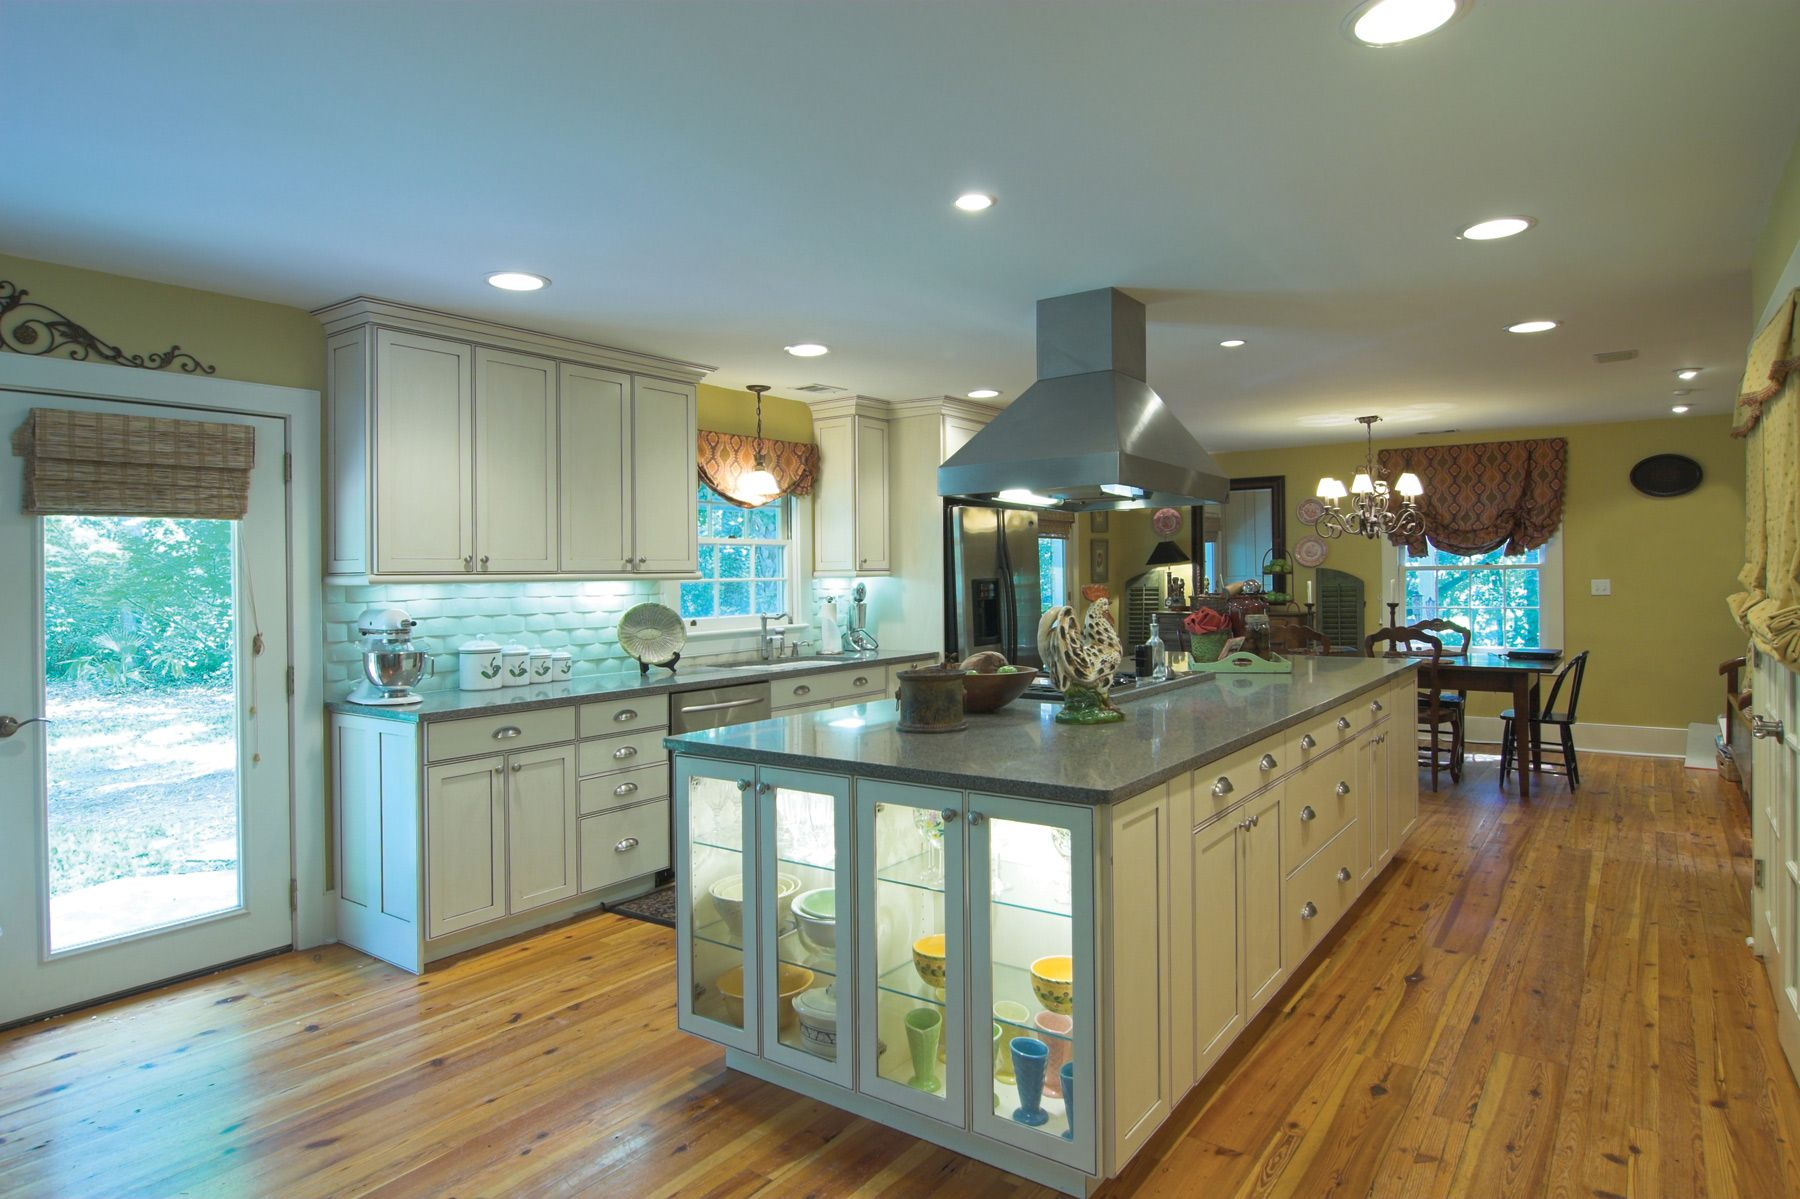 Most Efficient Kitchen Design Most Efficient Kitchen Island Design ...